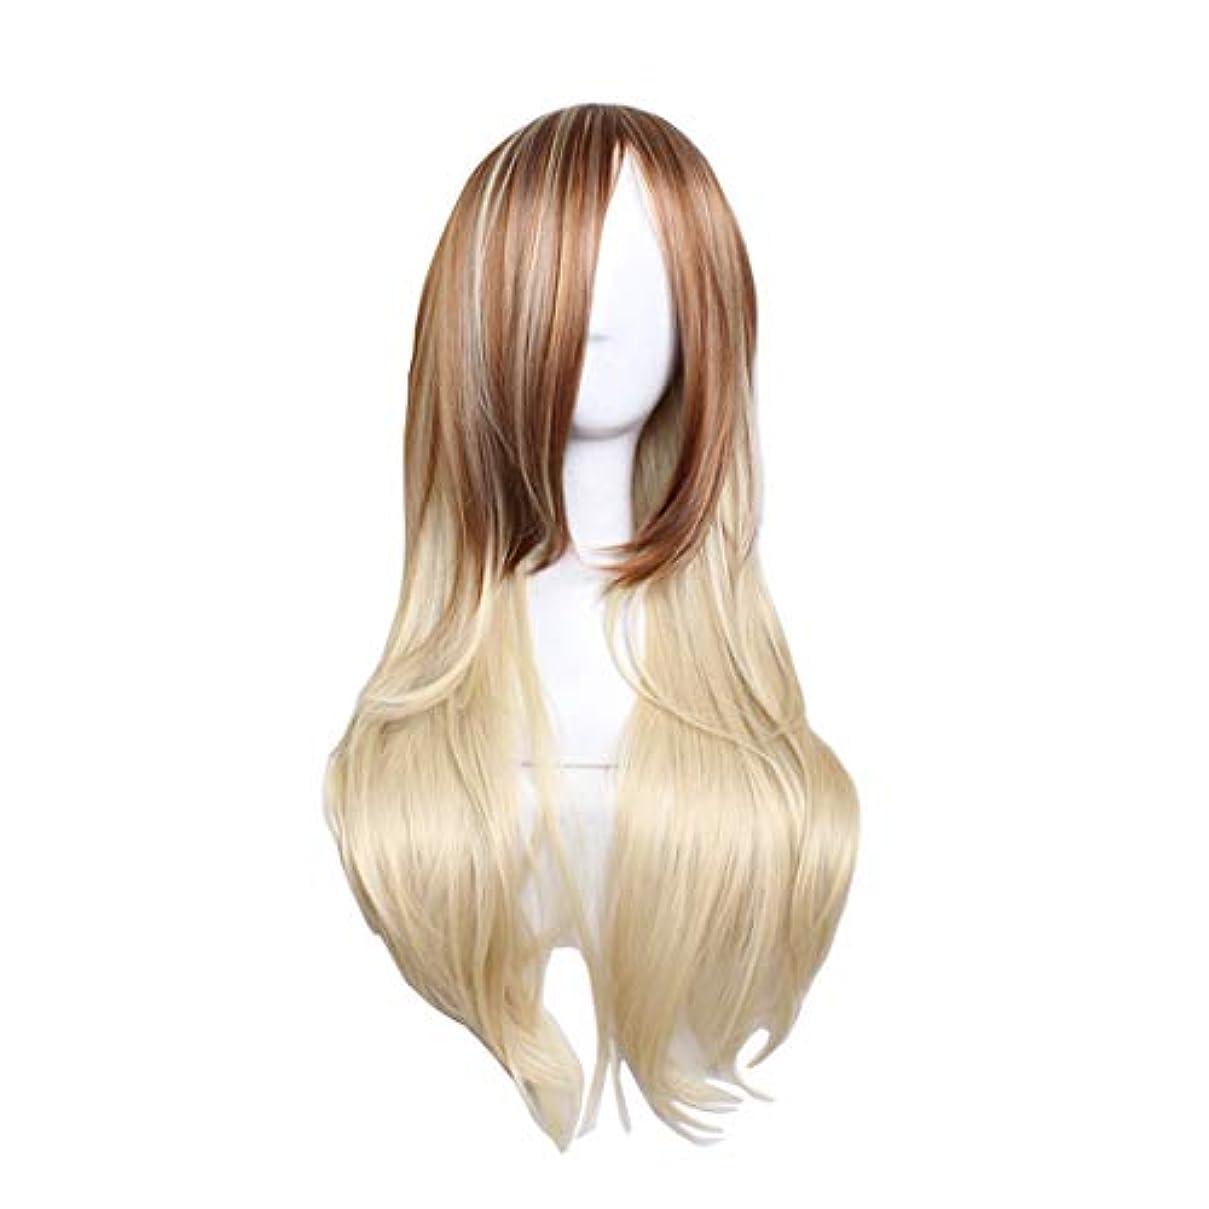 分離摂氏適応するJIANFU コスプレ ファッション ロング バンズ 長い カーリー 髪 グラデーション ゴールデン ビッグ ウェーブ ウィッグ (Color : Brown gradient pale gold)